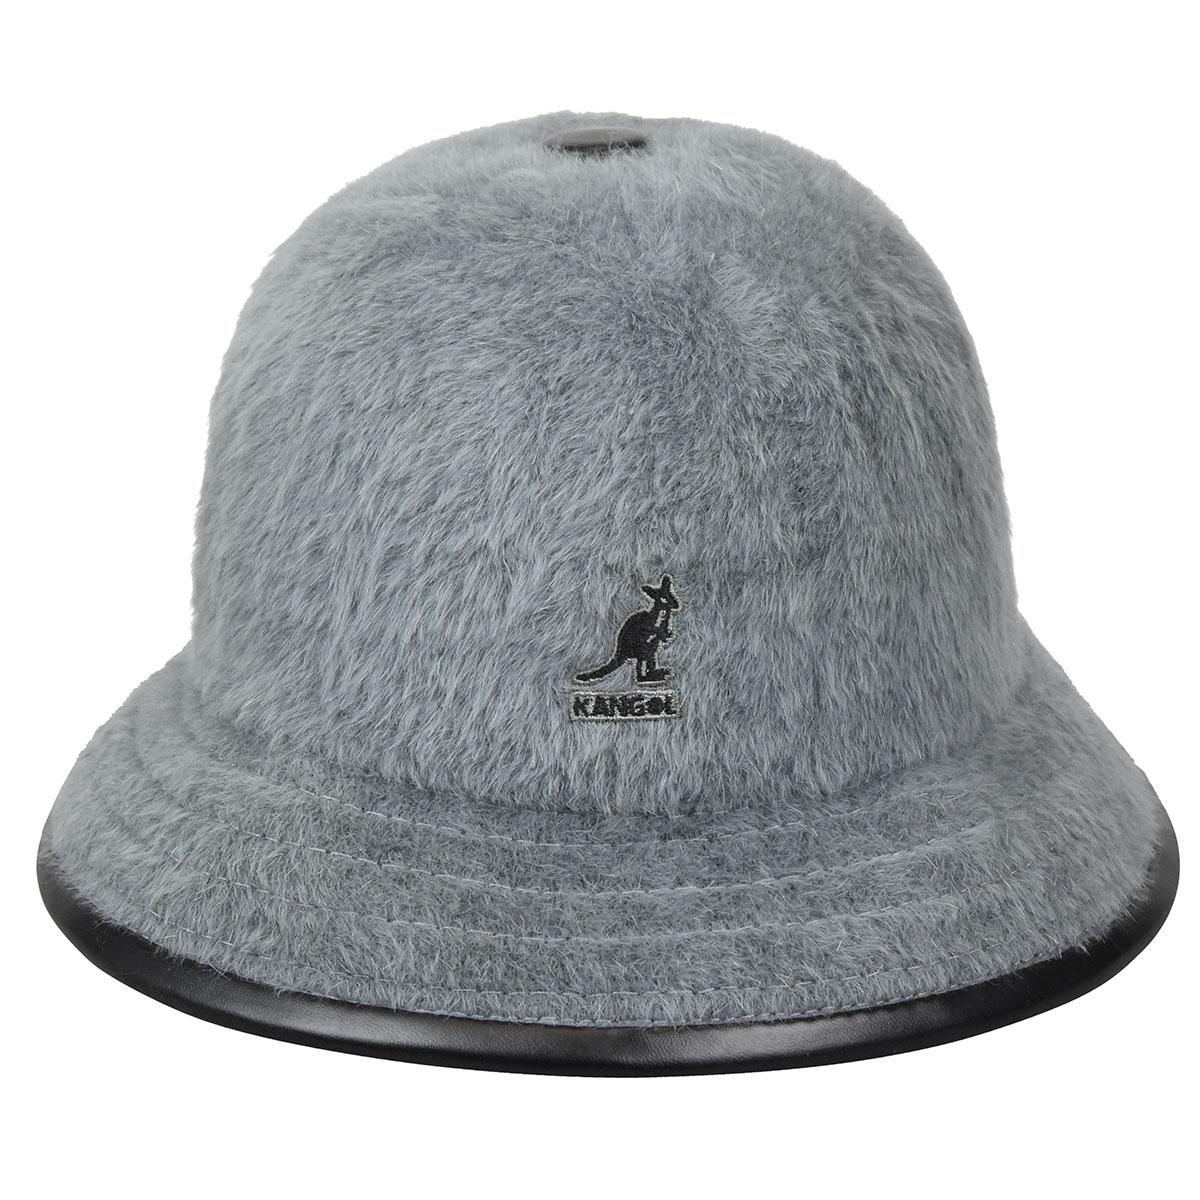 Buckets Shape Headwear FREE SHIPPING & RETURNS